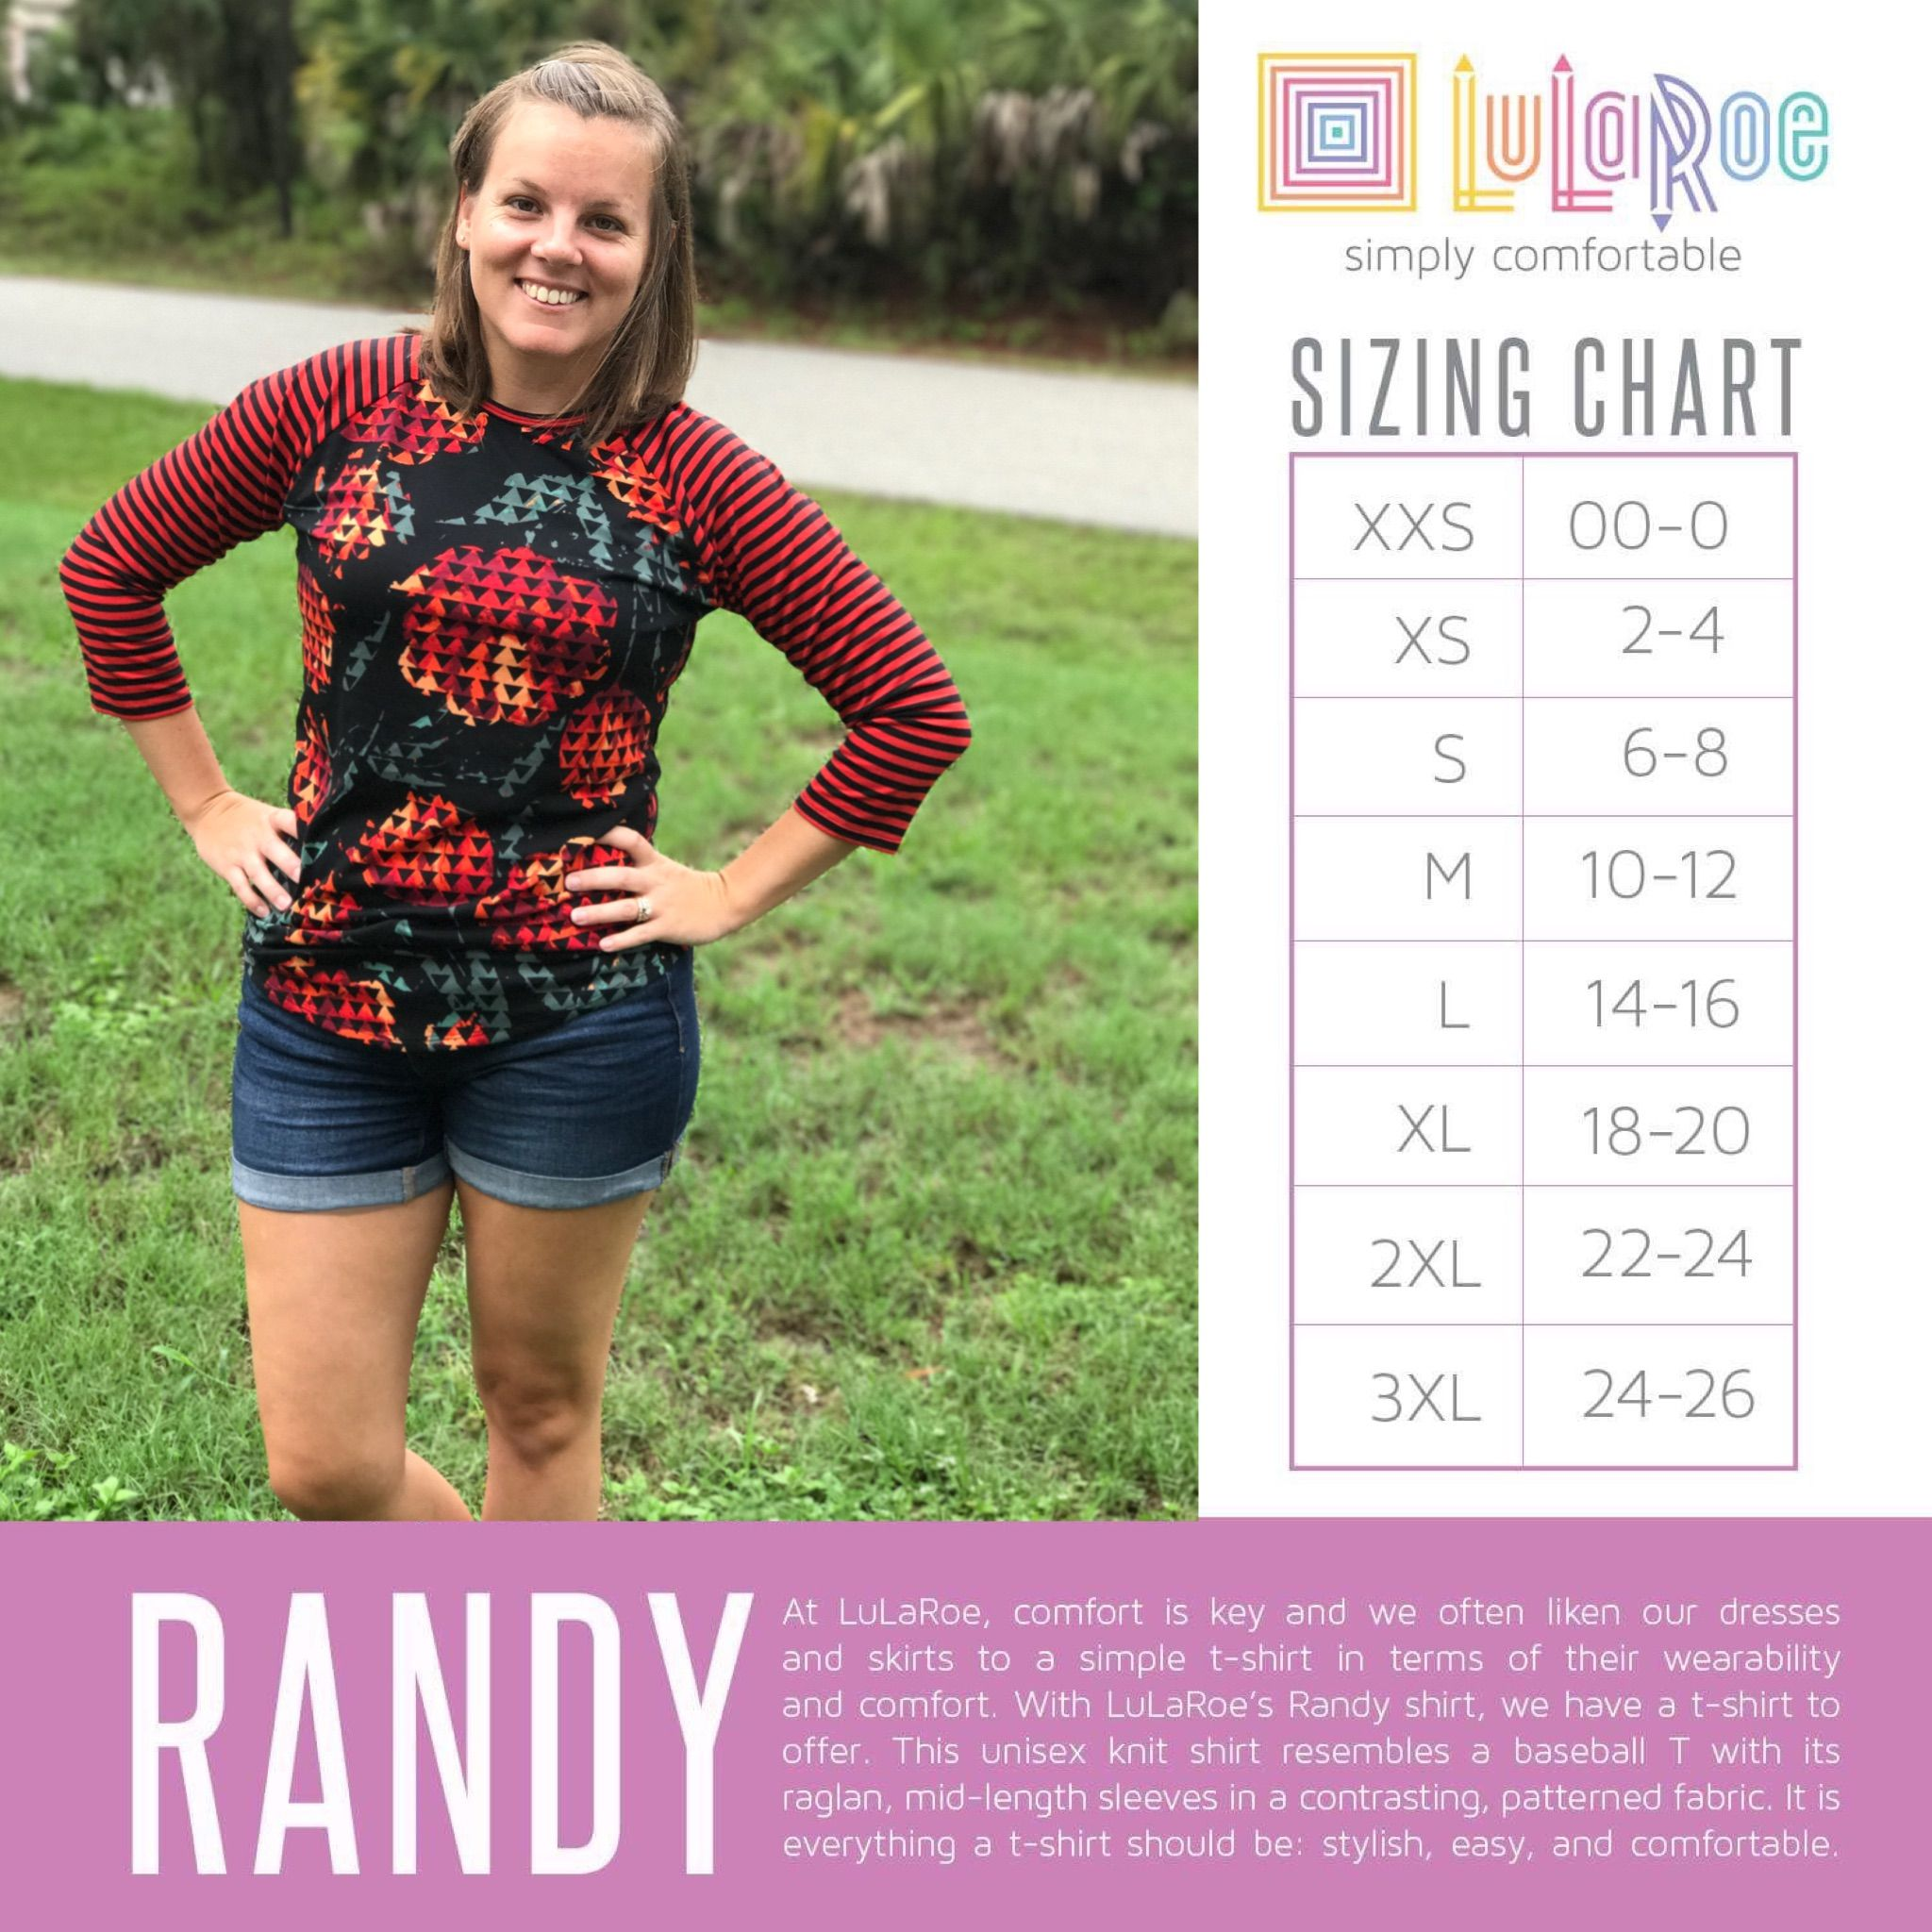 Lularoe Randy Lularoe Size Chart Randy Lularoe Sizing Lularoe Randy